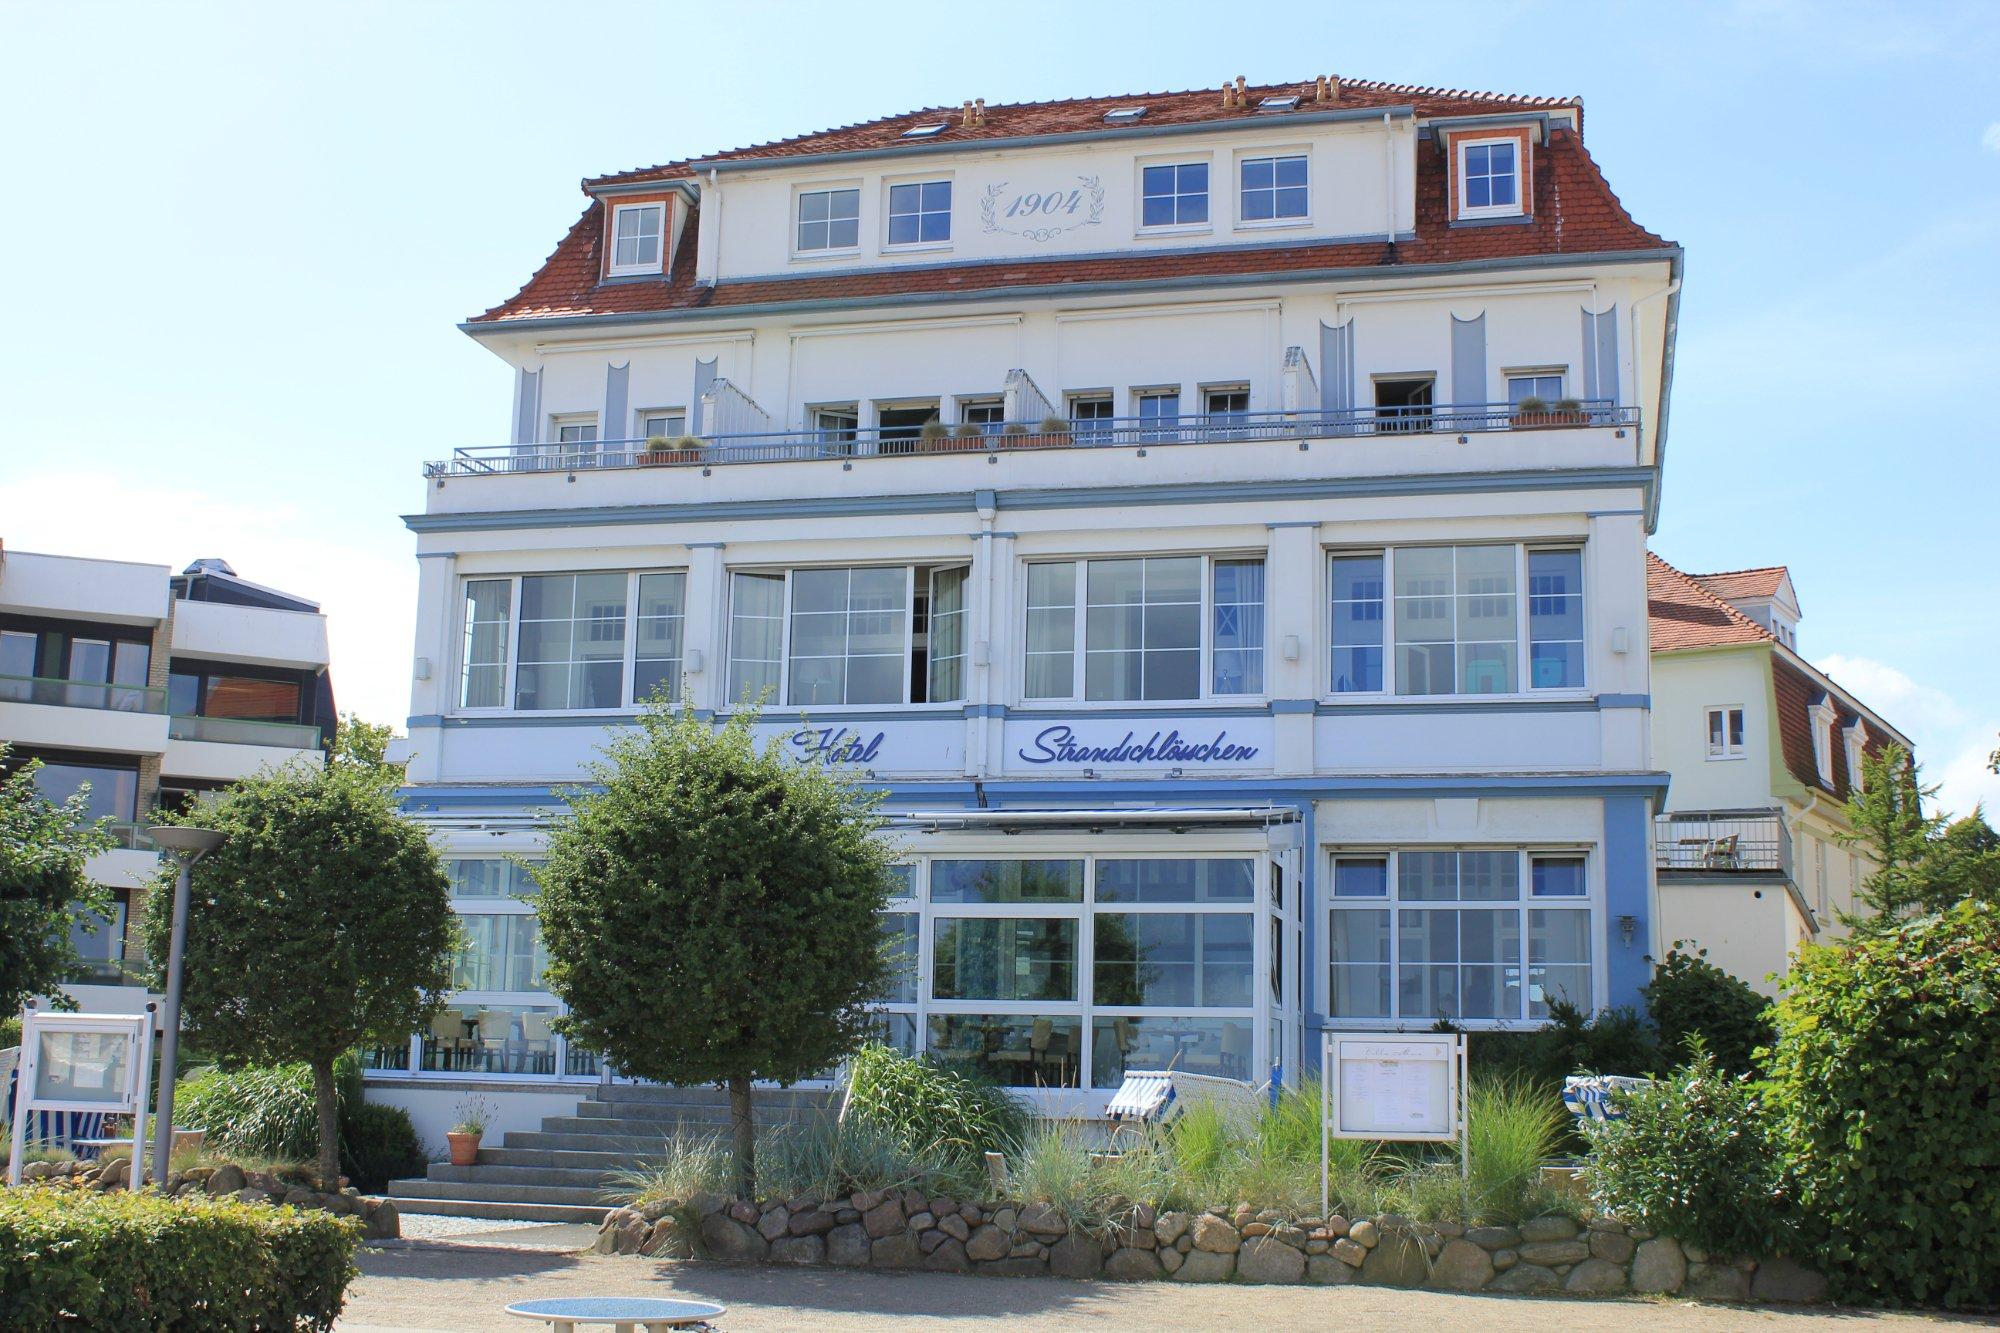 Hotel Strandschloesschen